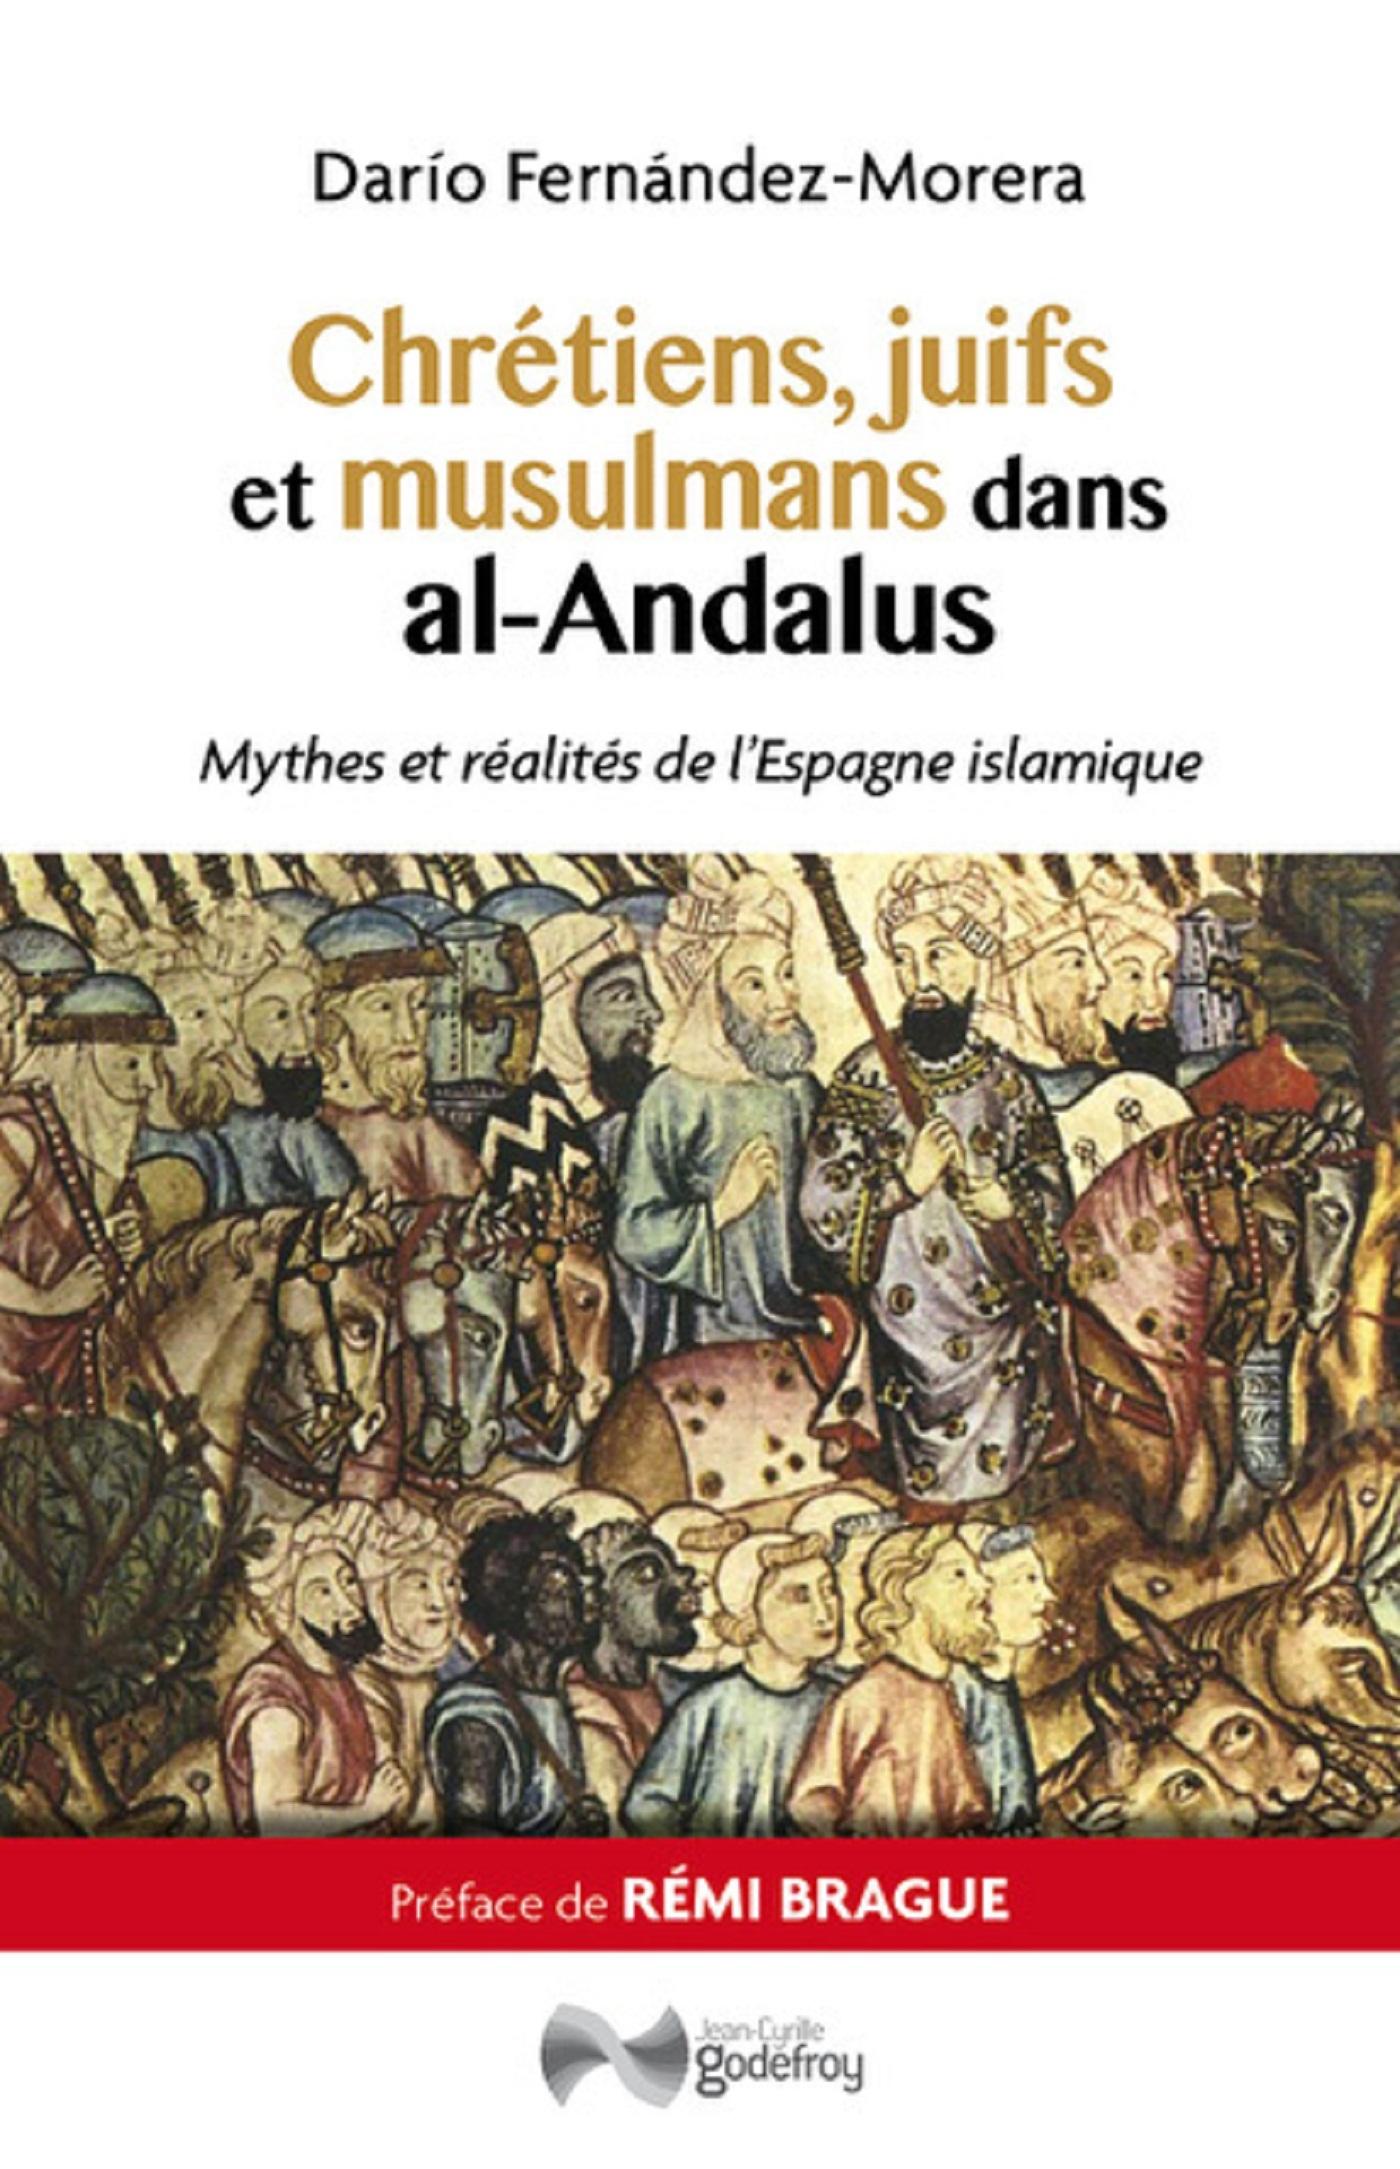 CHRETIENS, JUIFS ET MUSULMANS DANS AL-ANDALUS